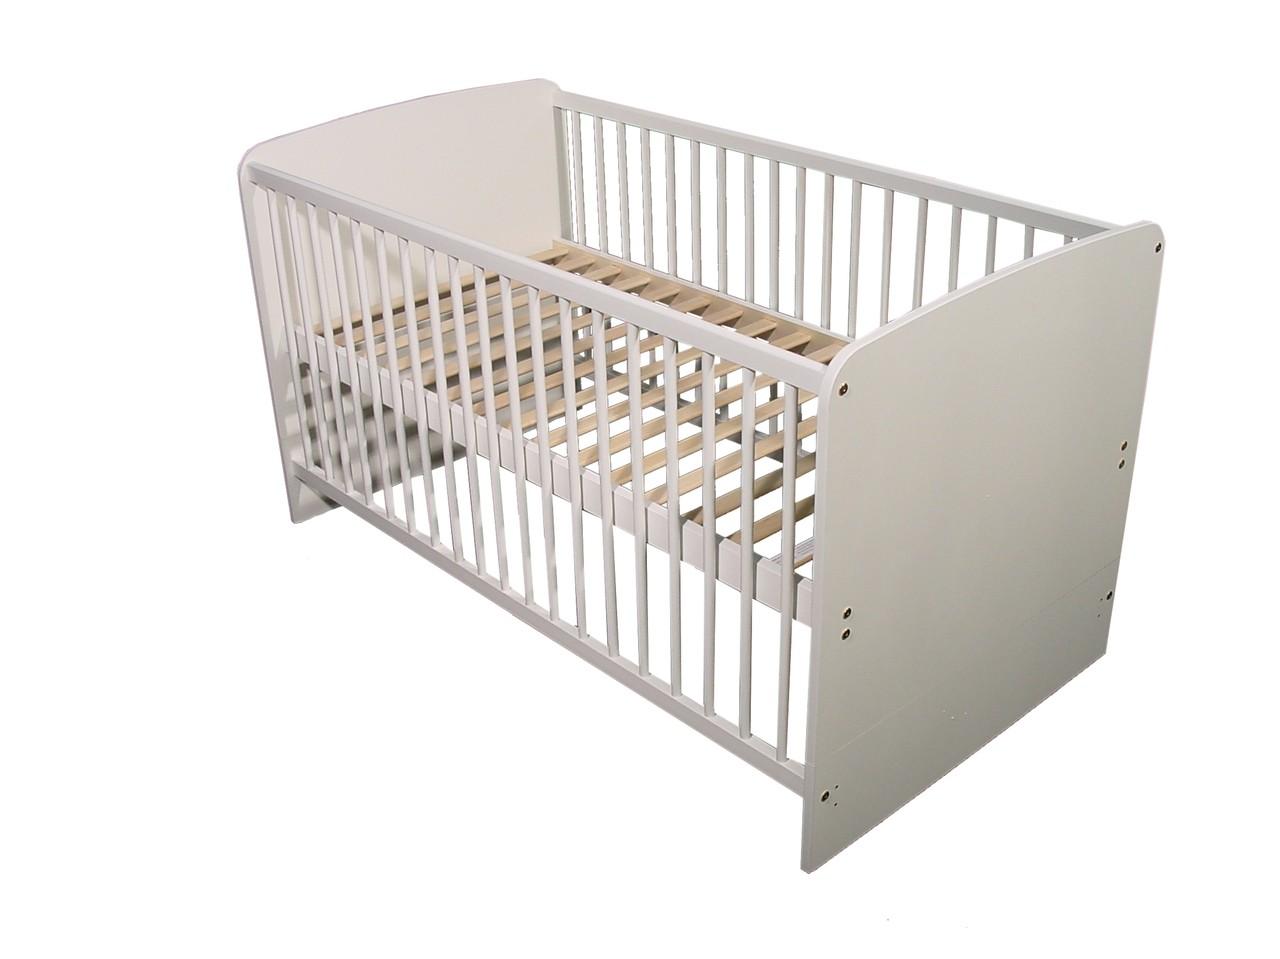 Kinder - günstige Möbel für alle!